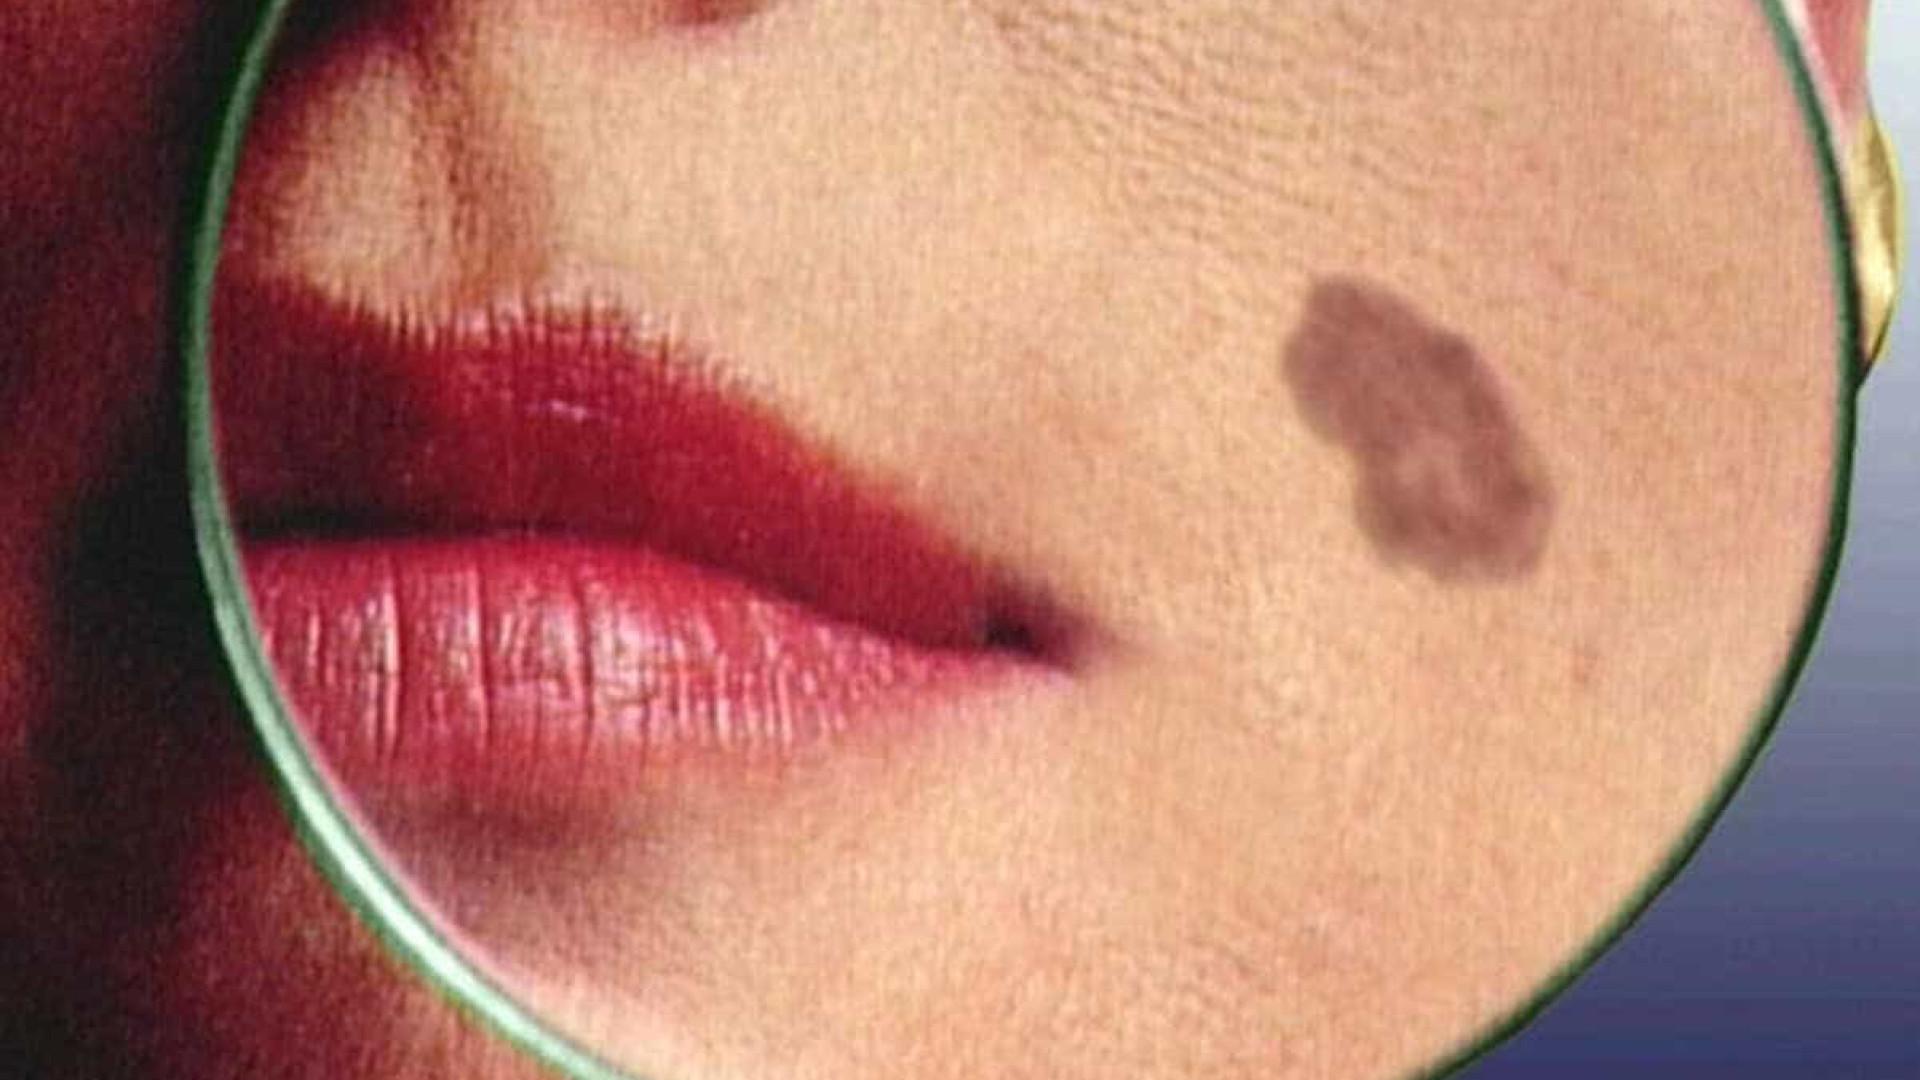 Molécula de bactéria marinha pode trazer avanço para tratar melanoma